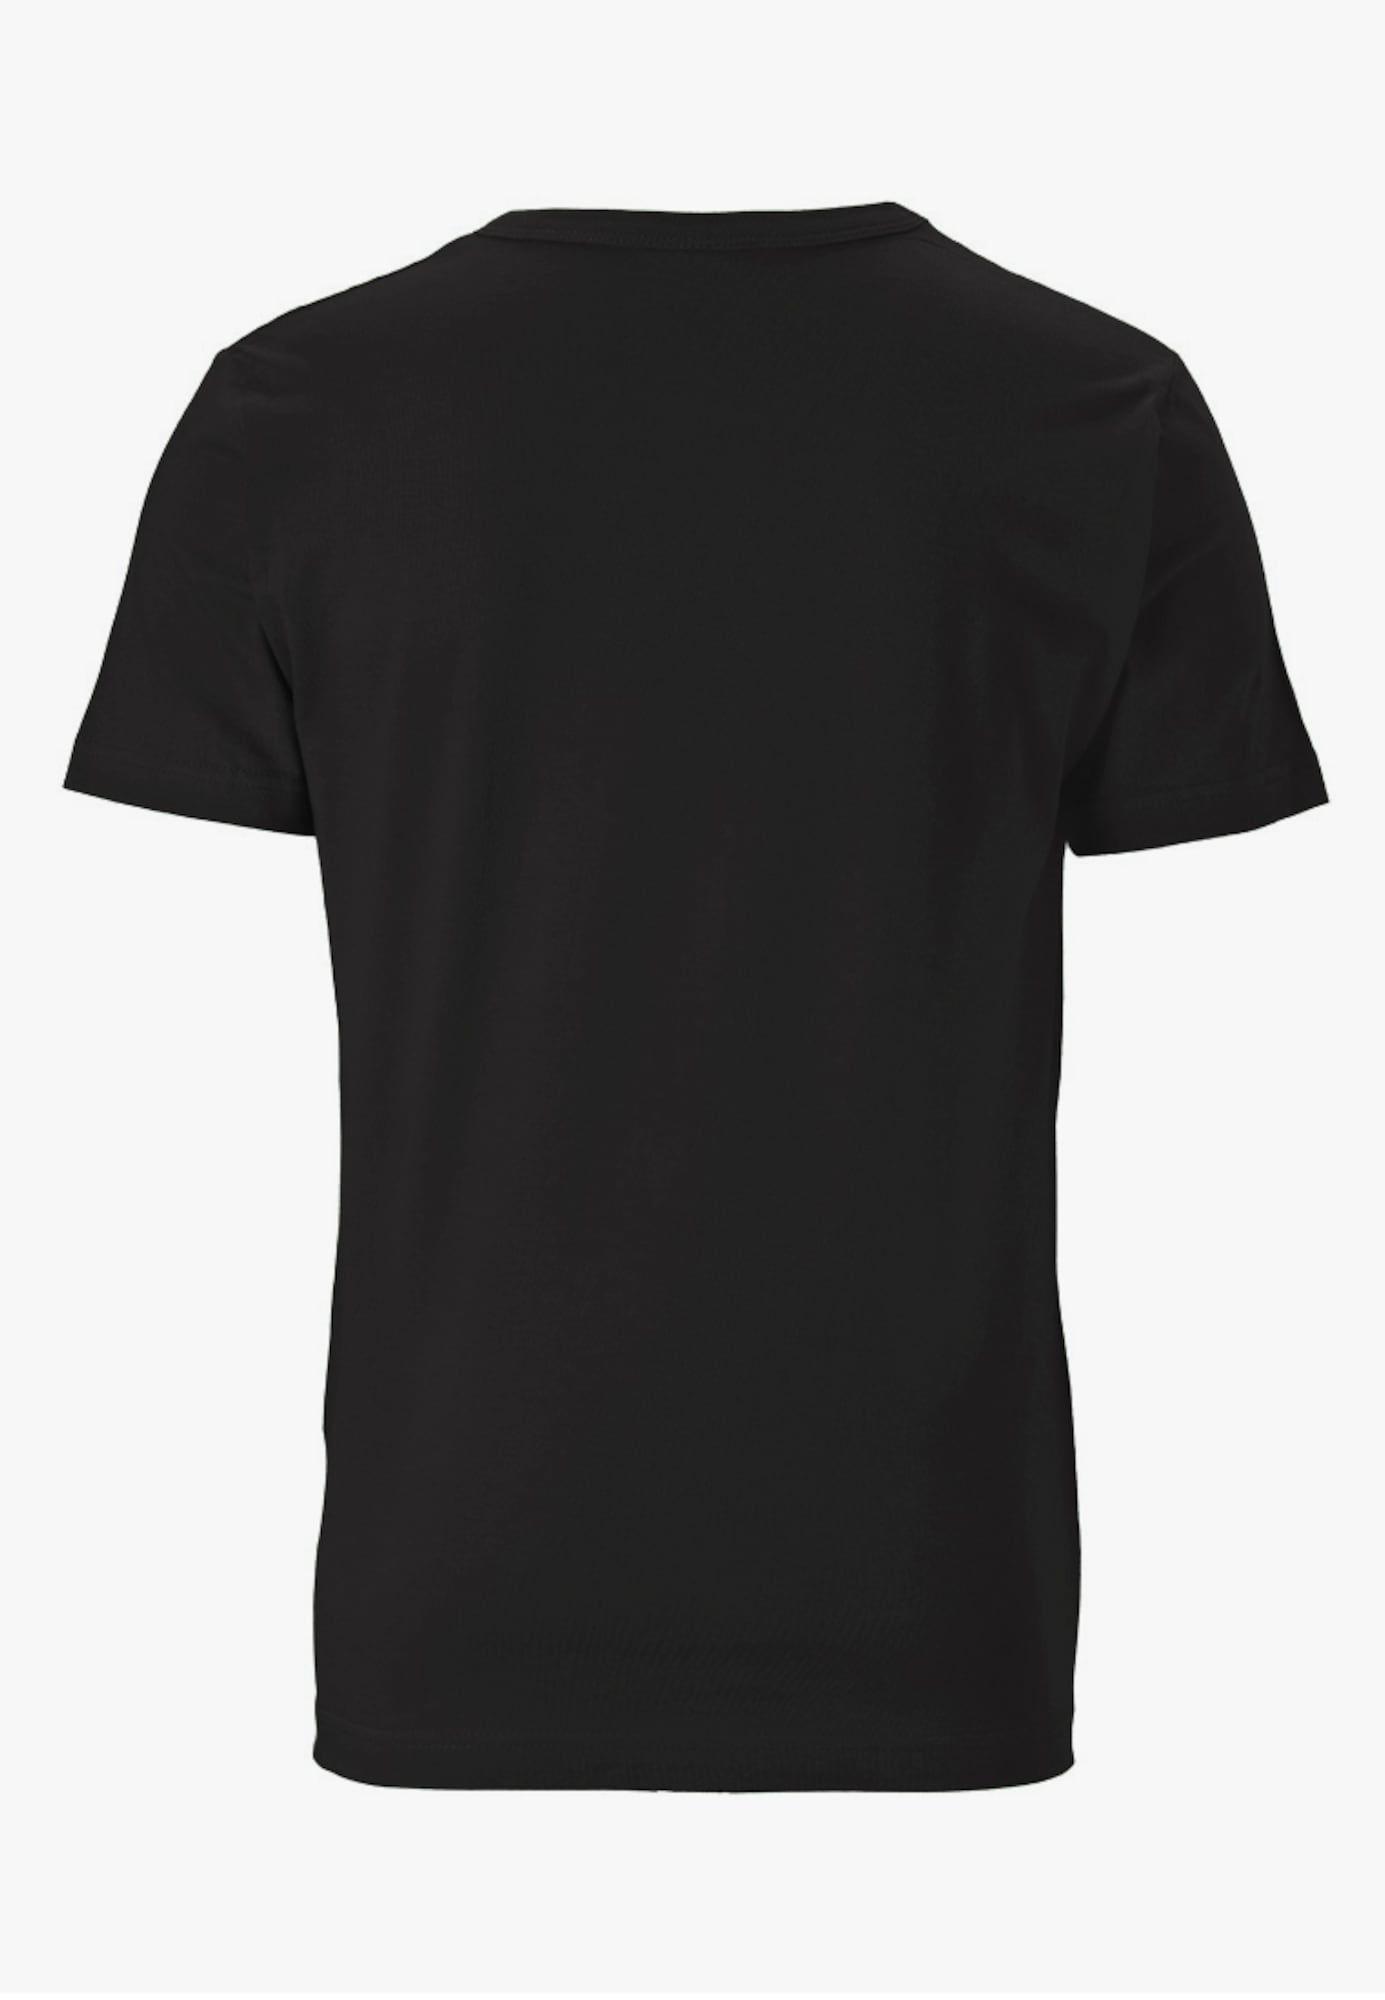 LOGOSHIRT T-Shirt 'Venom' Herren, Mischfarben / Schwarz, Größe M